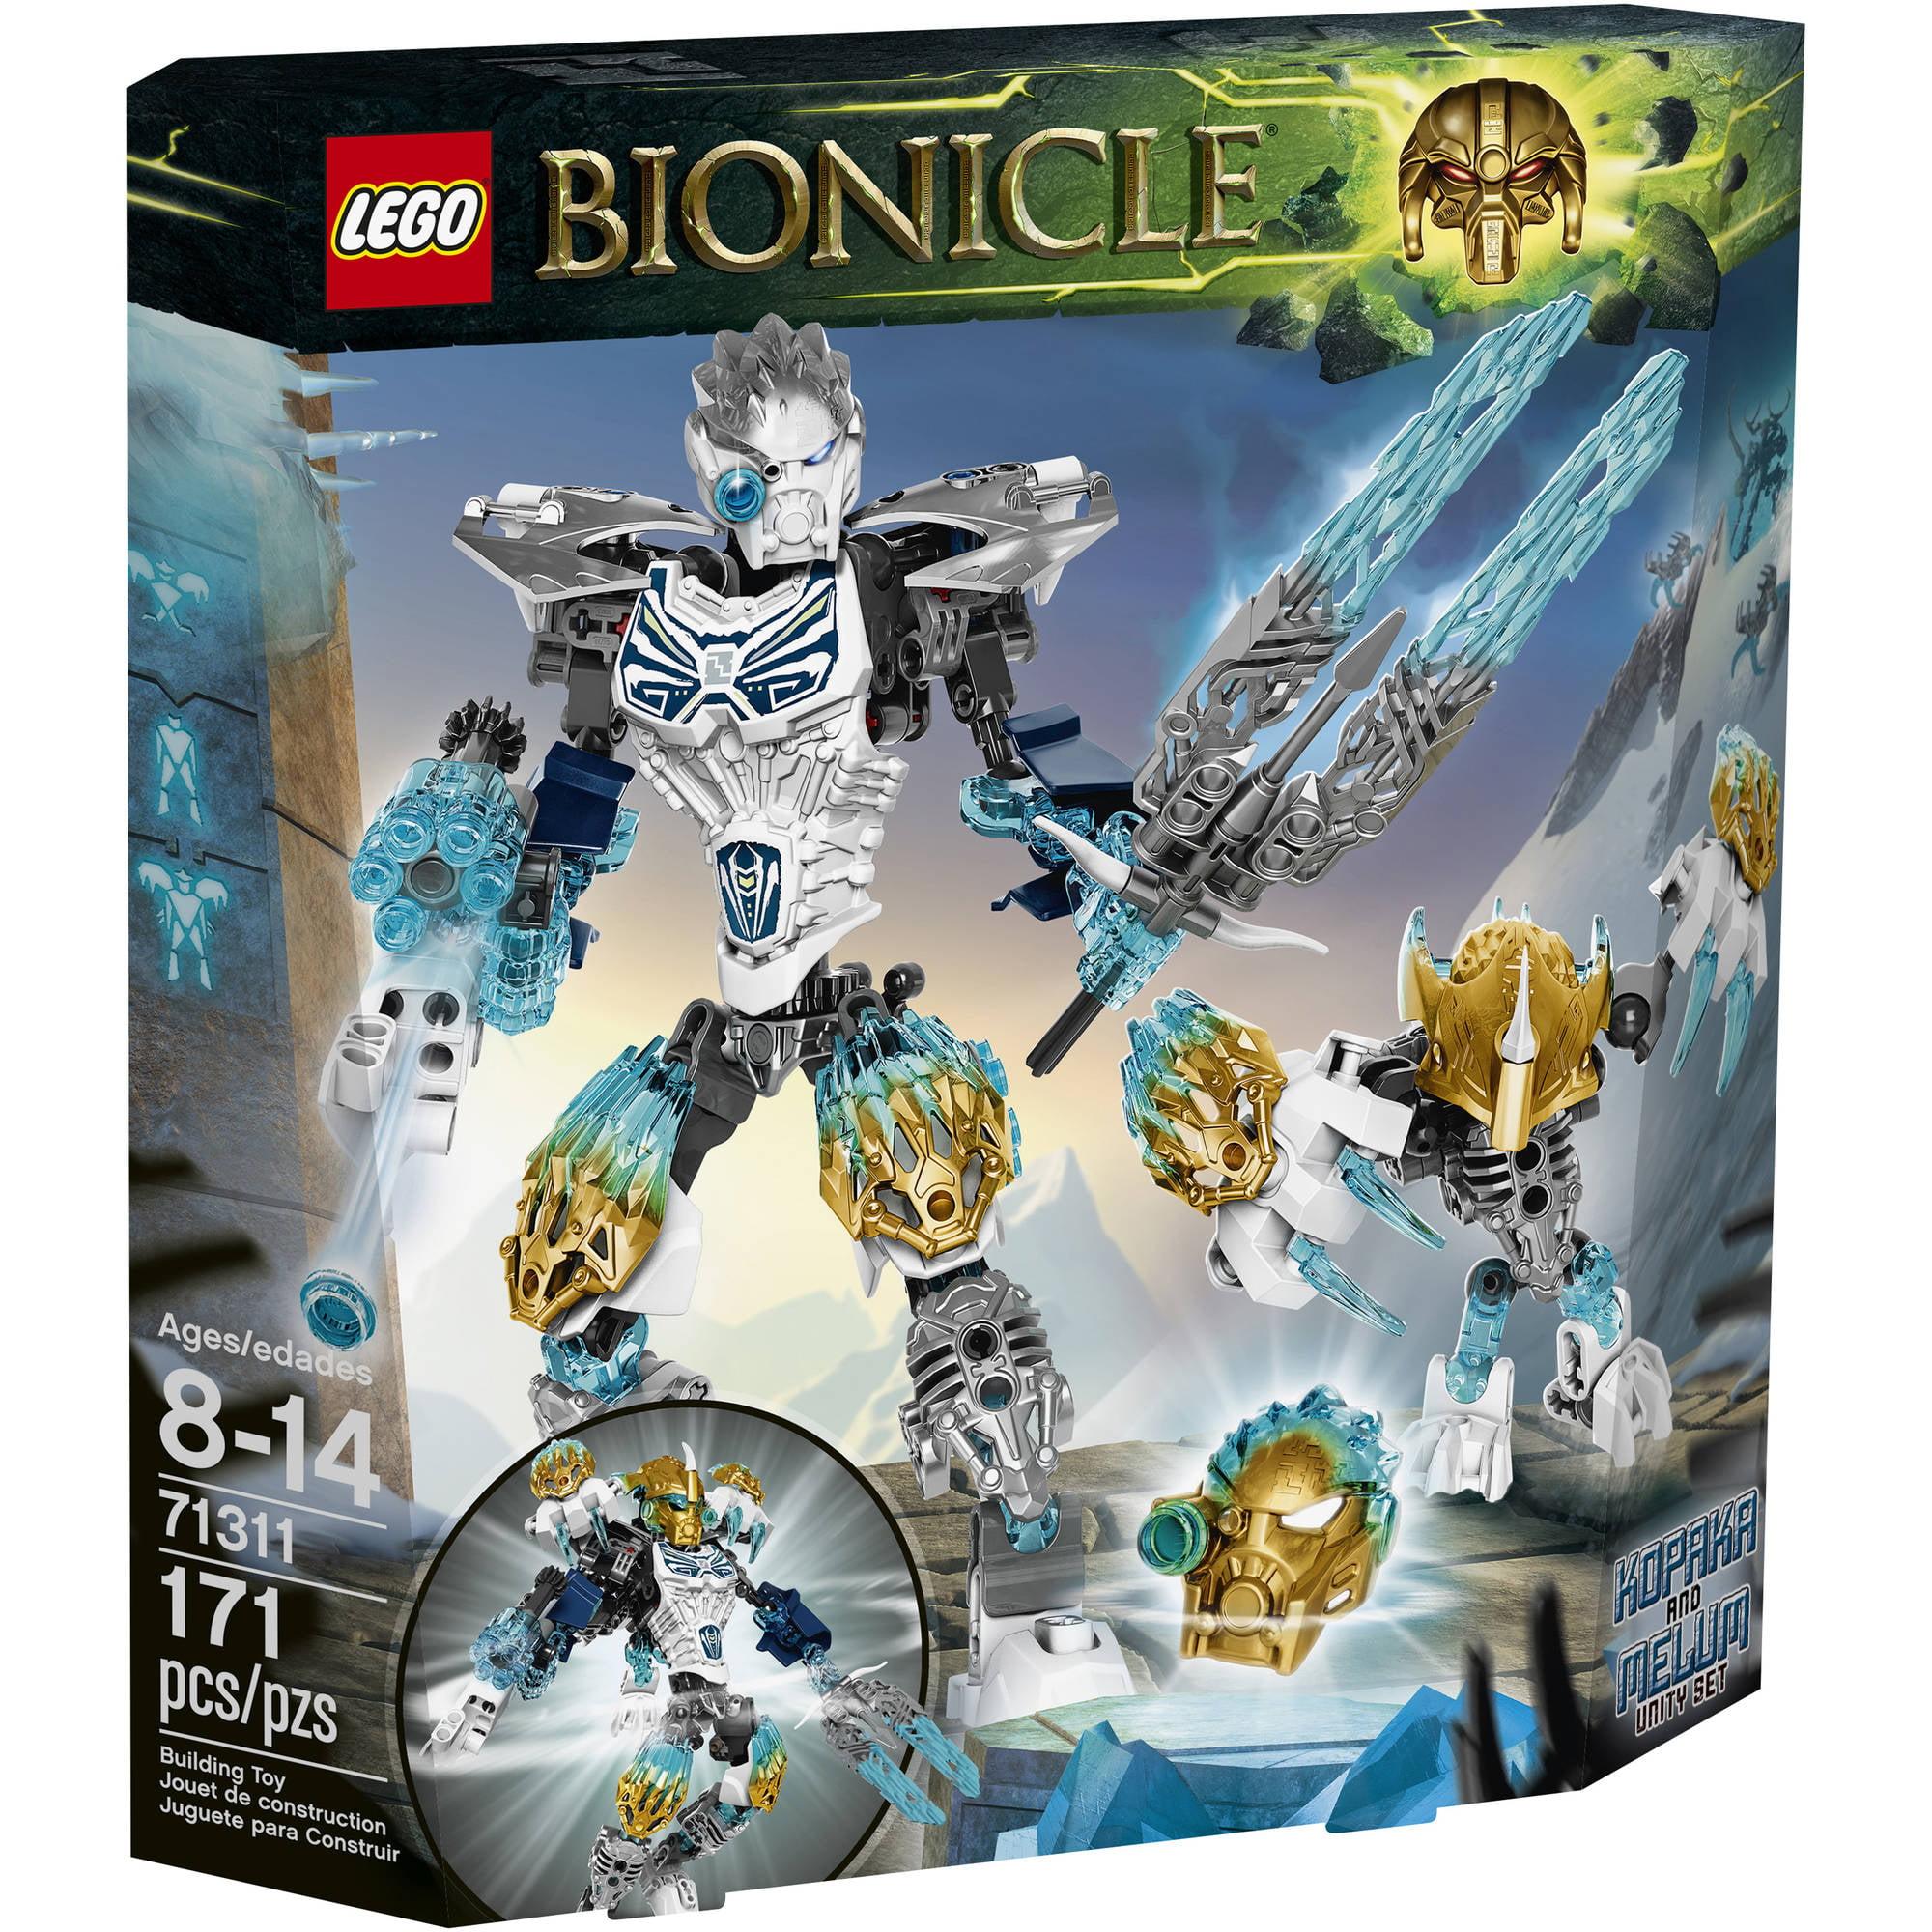 ผลการค้นหารูปภาพสำหรับ lego bionicle